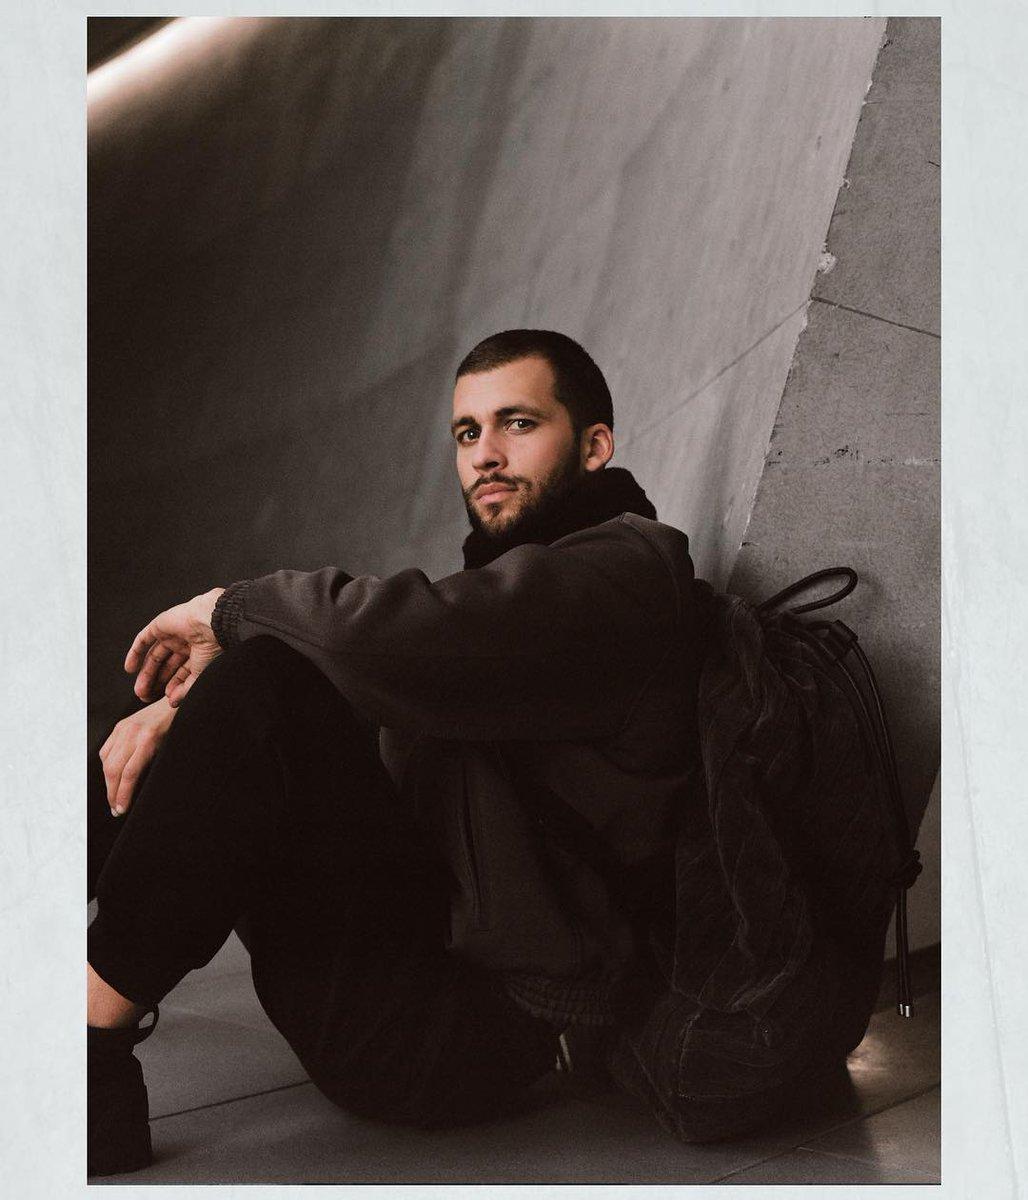 ジョルジオ アルマーニ 2018-19年秋冬メンズ・コレクションからーコレクションショーの舞台となったアルマーニ/テアトロが、ショールックの完璧な背景として存在します。 #GiorgioArmani #mfw https://t.co/H1yRNZZMwf